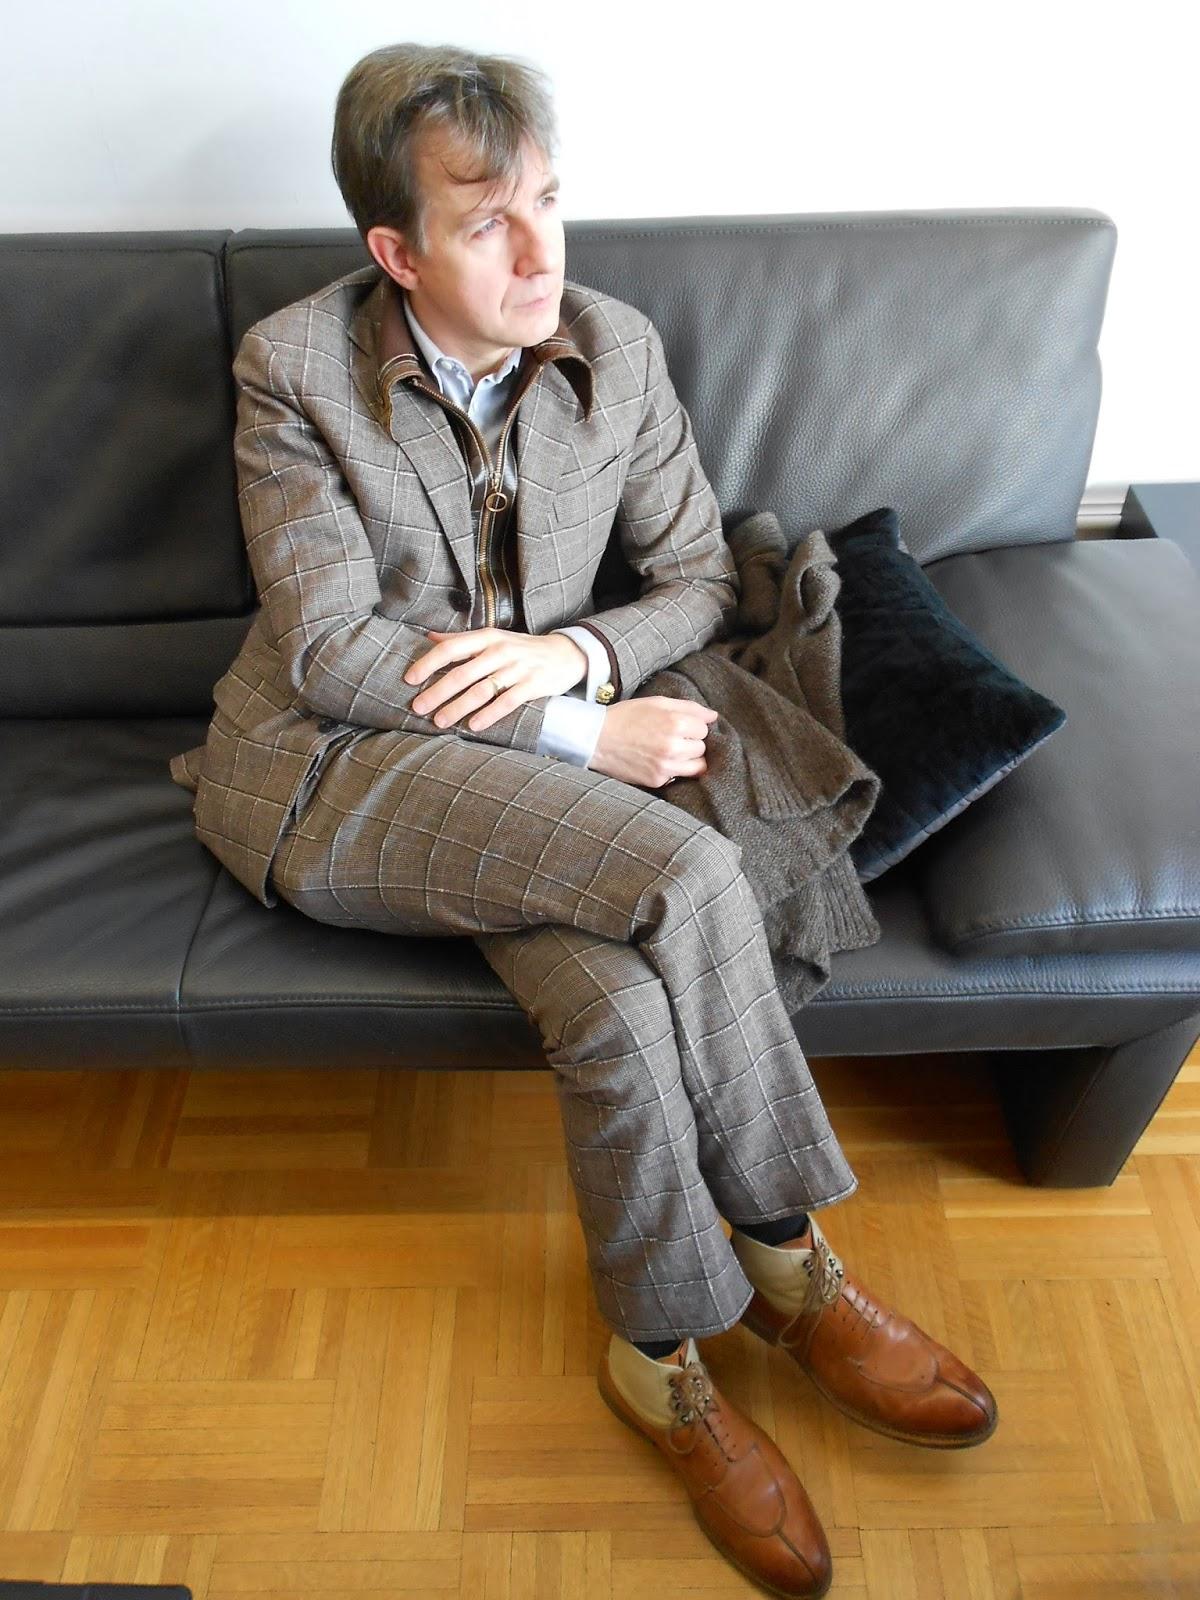 gesprekken met hedendaagse kunstenaars: Interview met Johan Creten